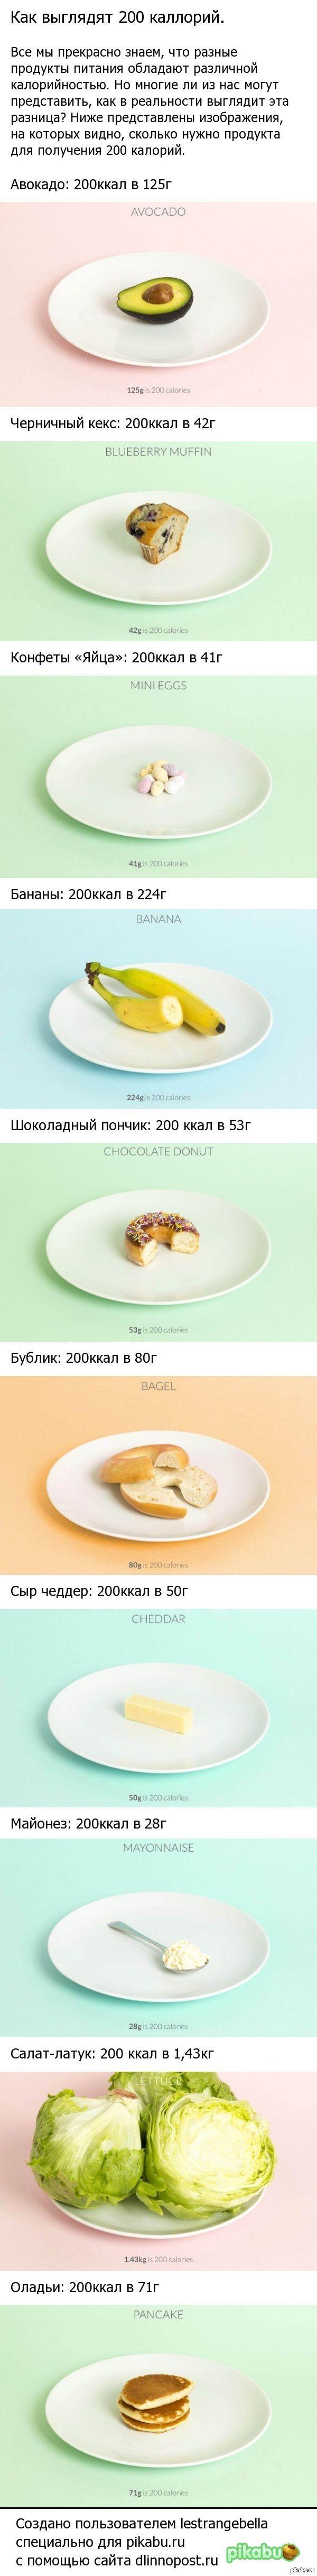 Как выглядят 200 калорий.